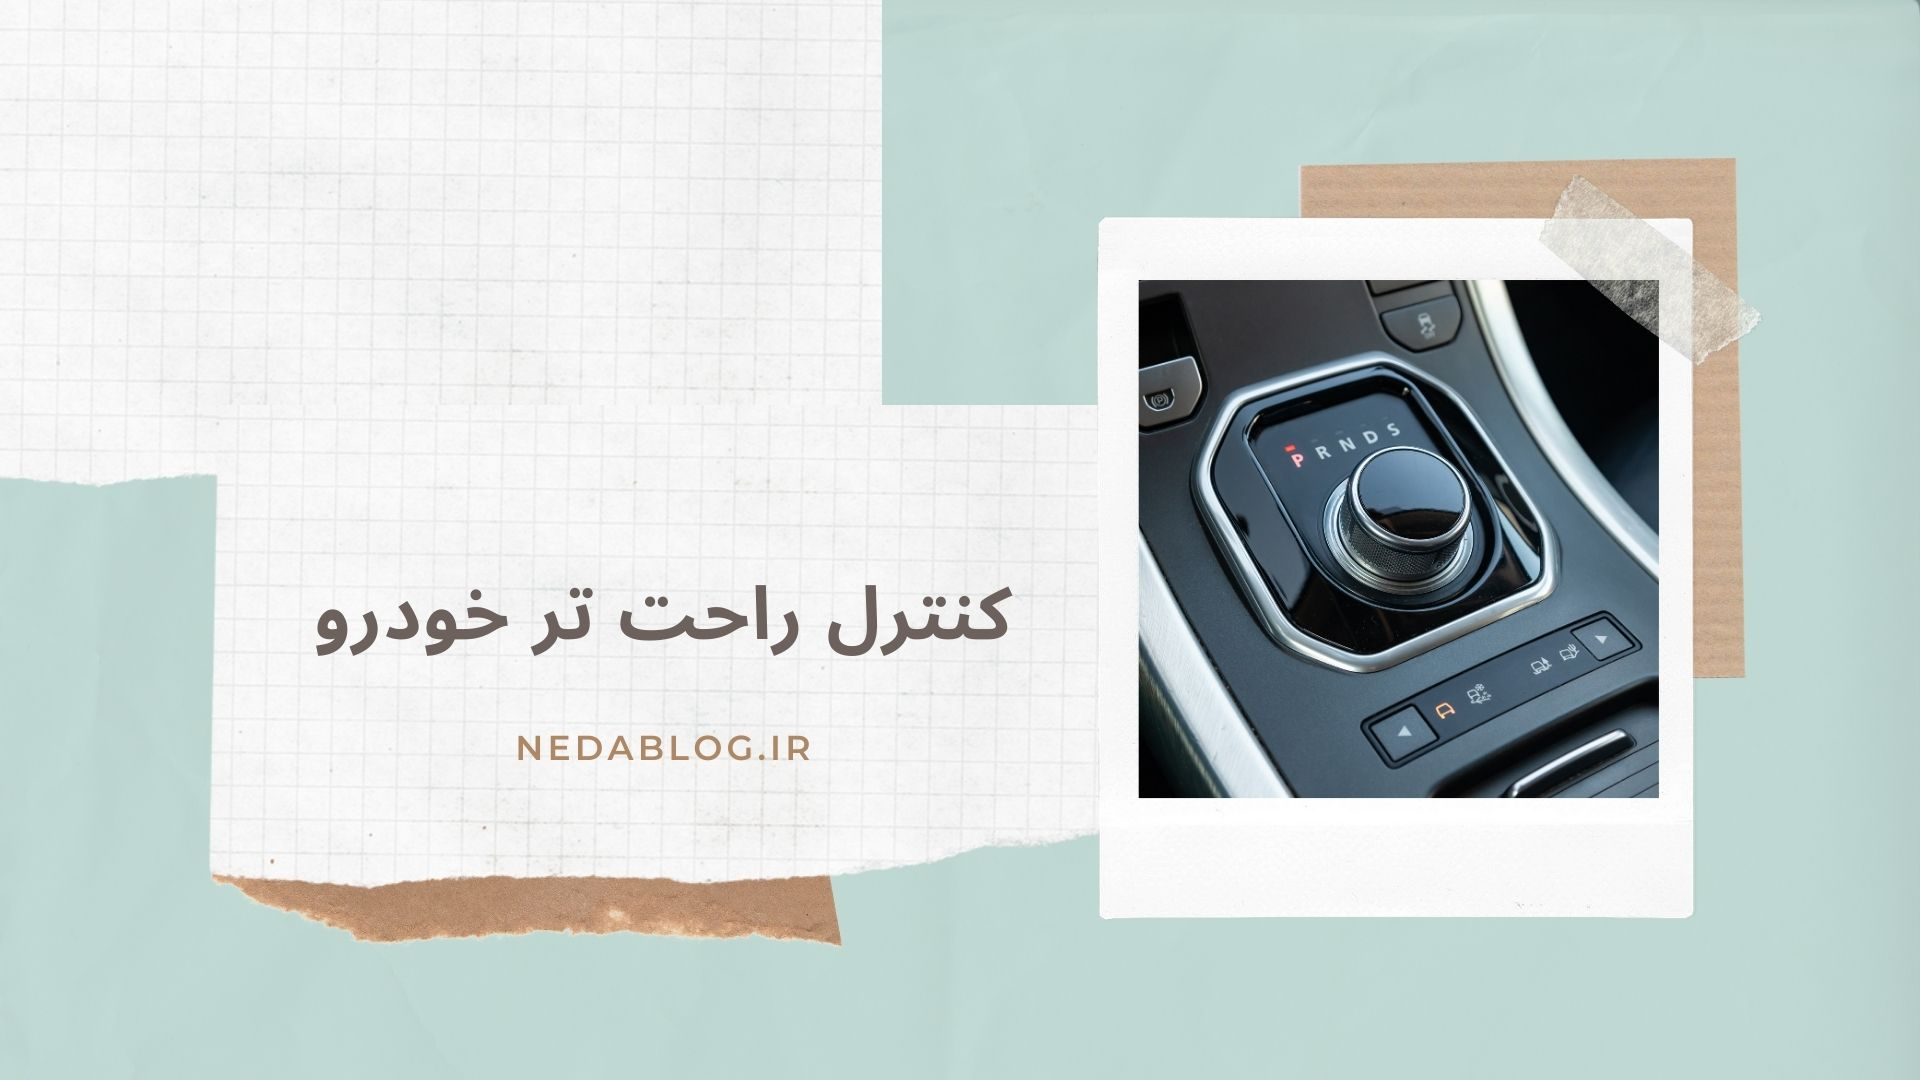 کنترل راحت تر خودرو